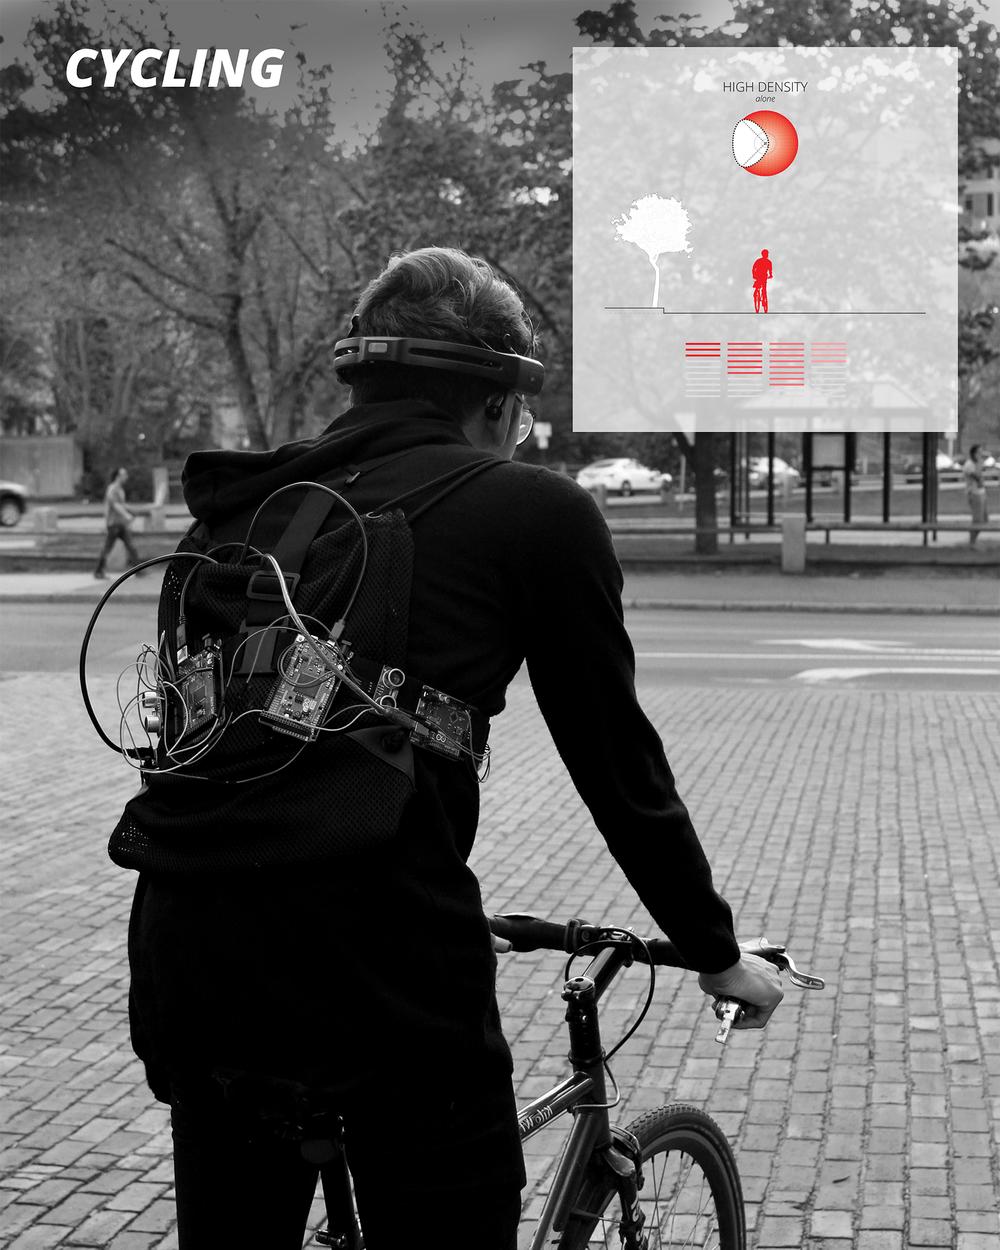 msc-bicycling.jpg